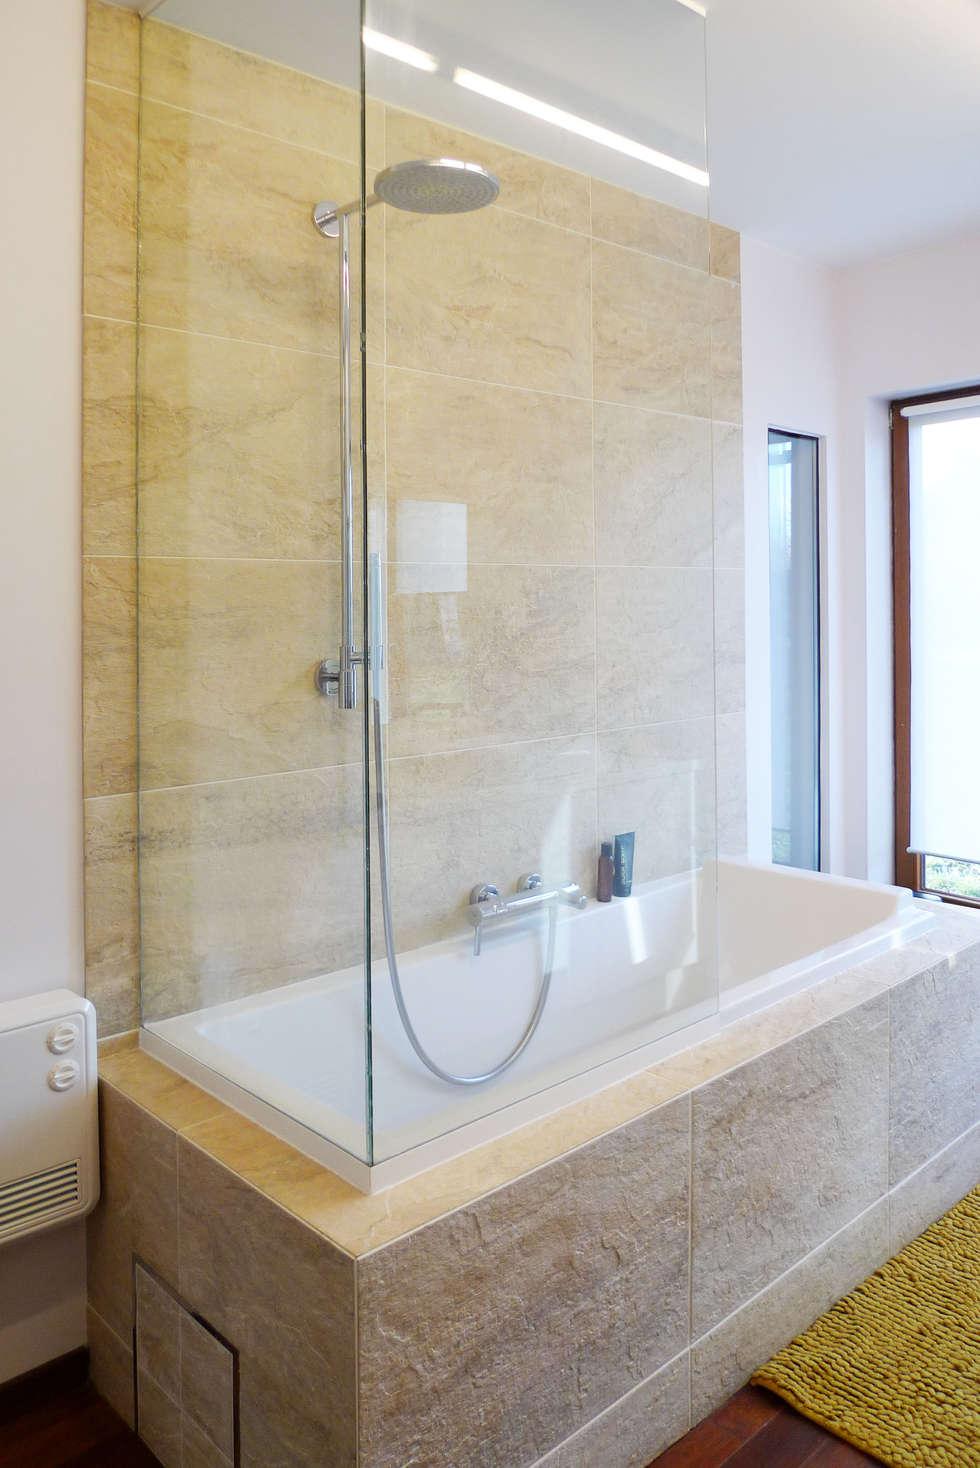 Salle de bain: Salle de bains de style  par Casalamotte